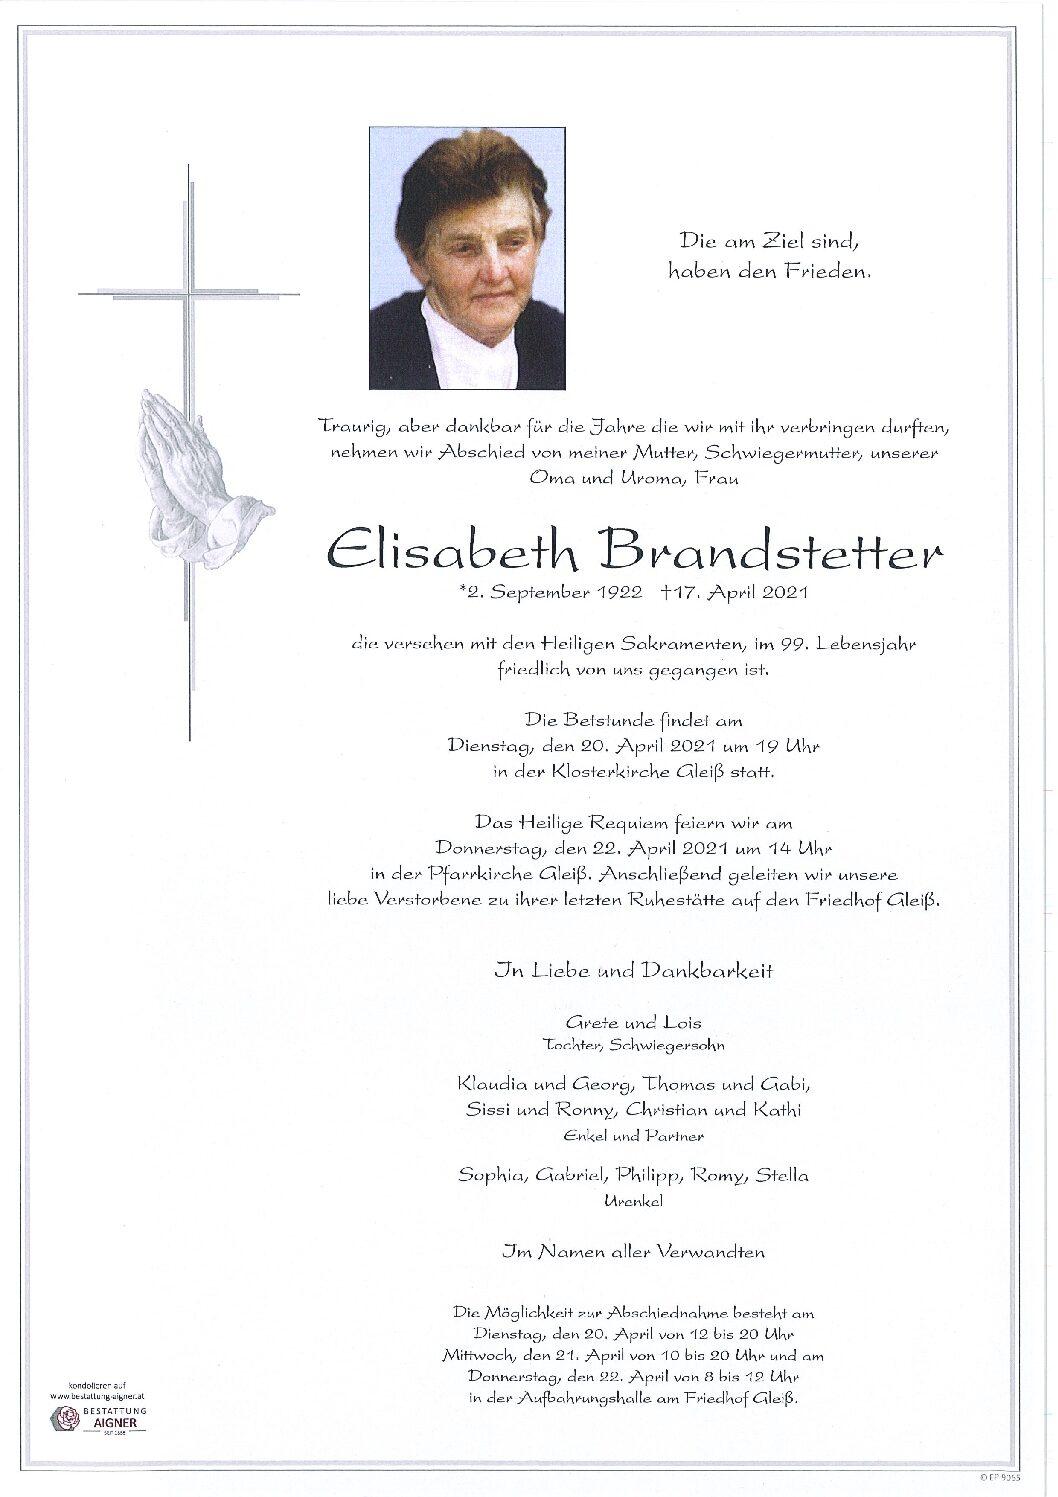 Elisabeth Brandstetter